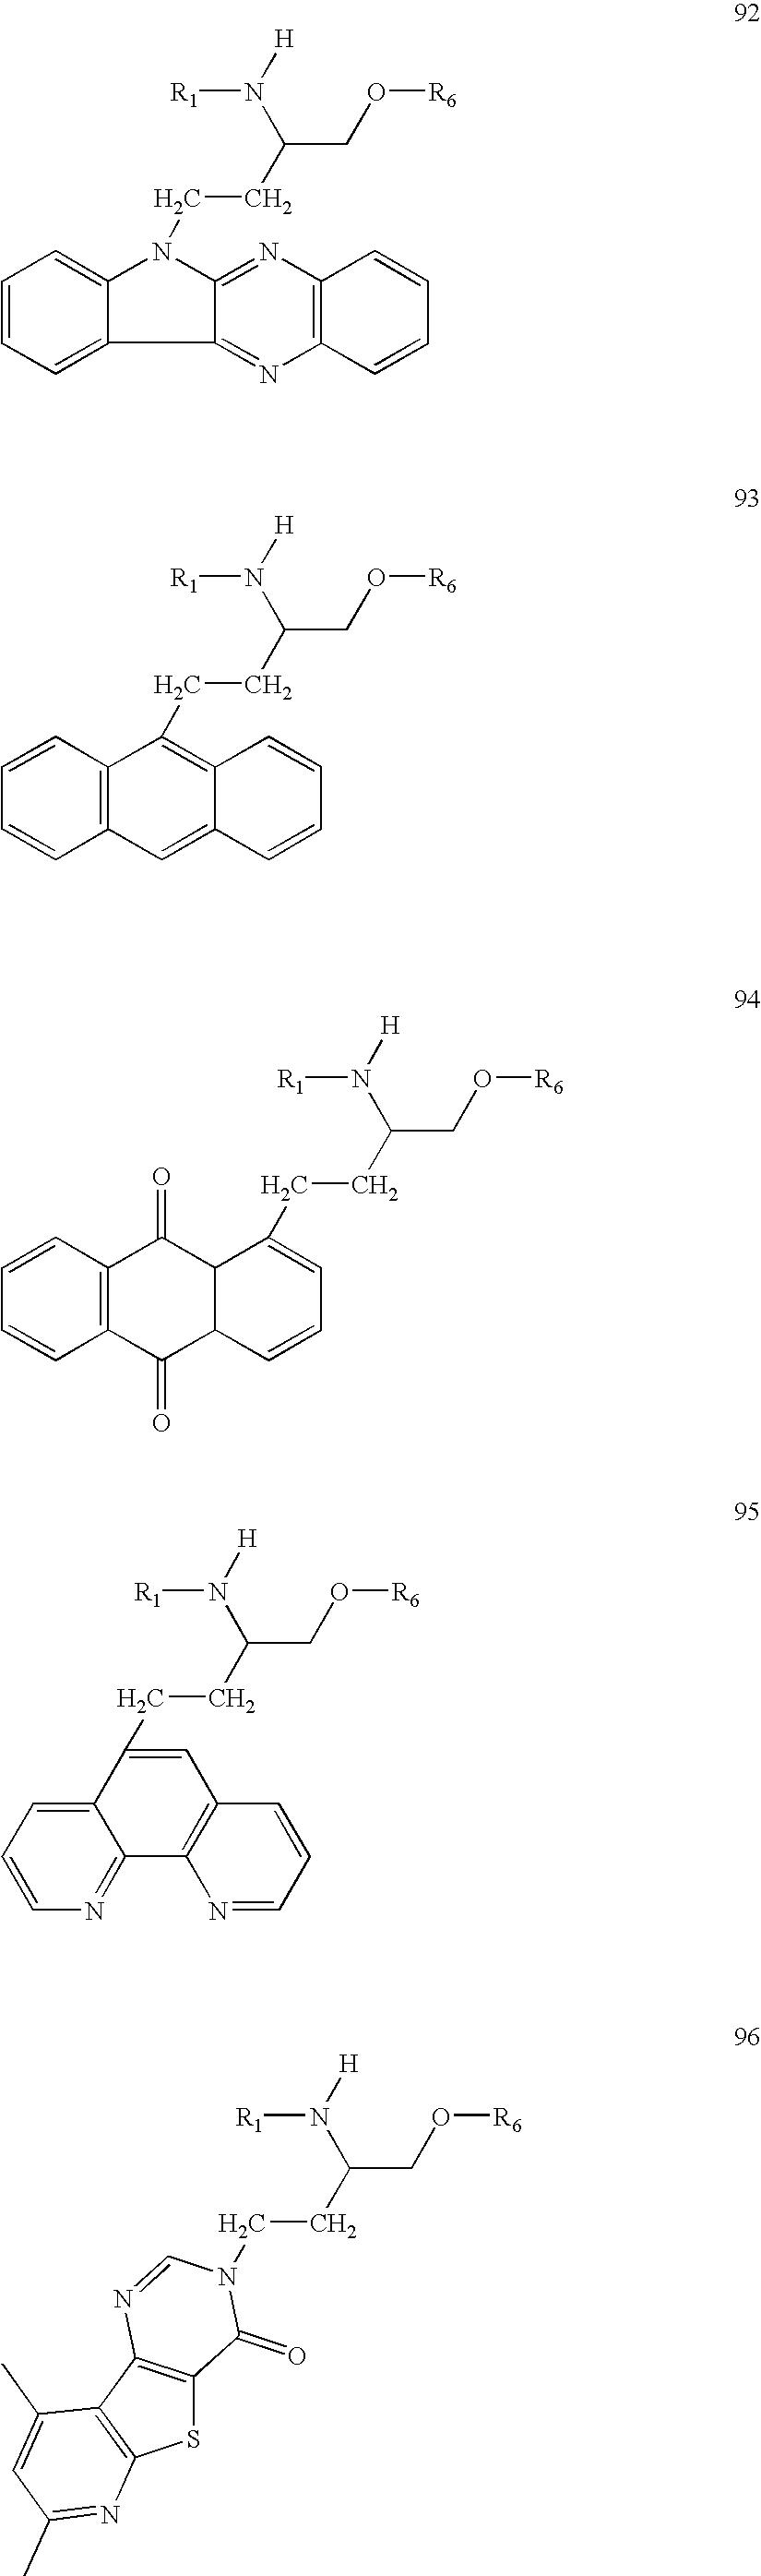 Figure US20060014144A1-20060119-C00107